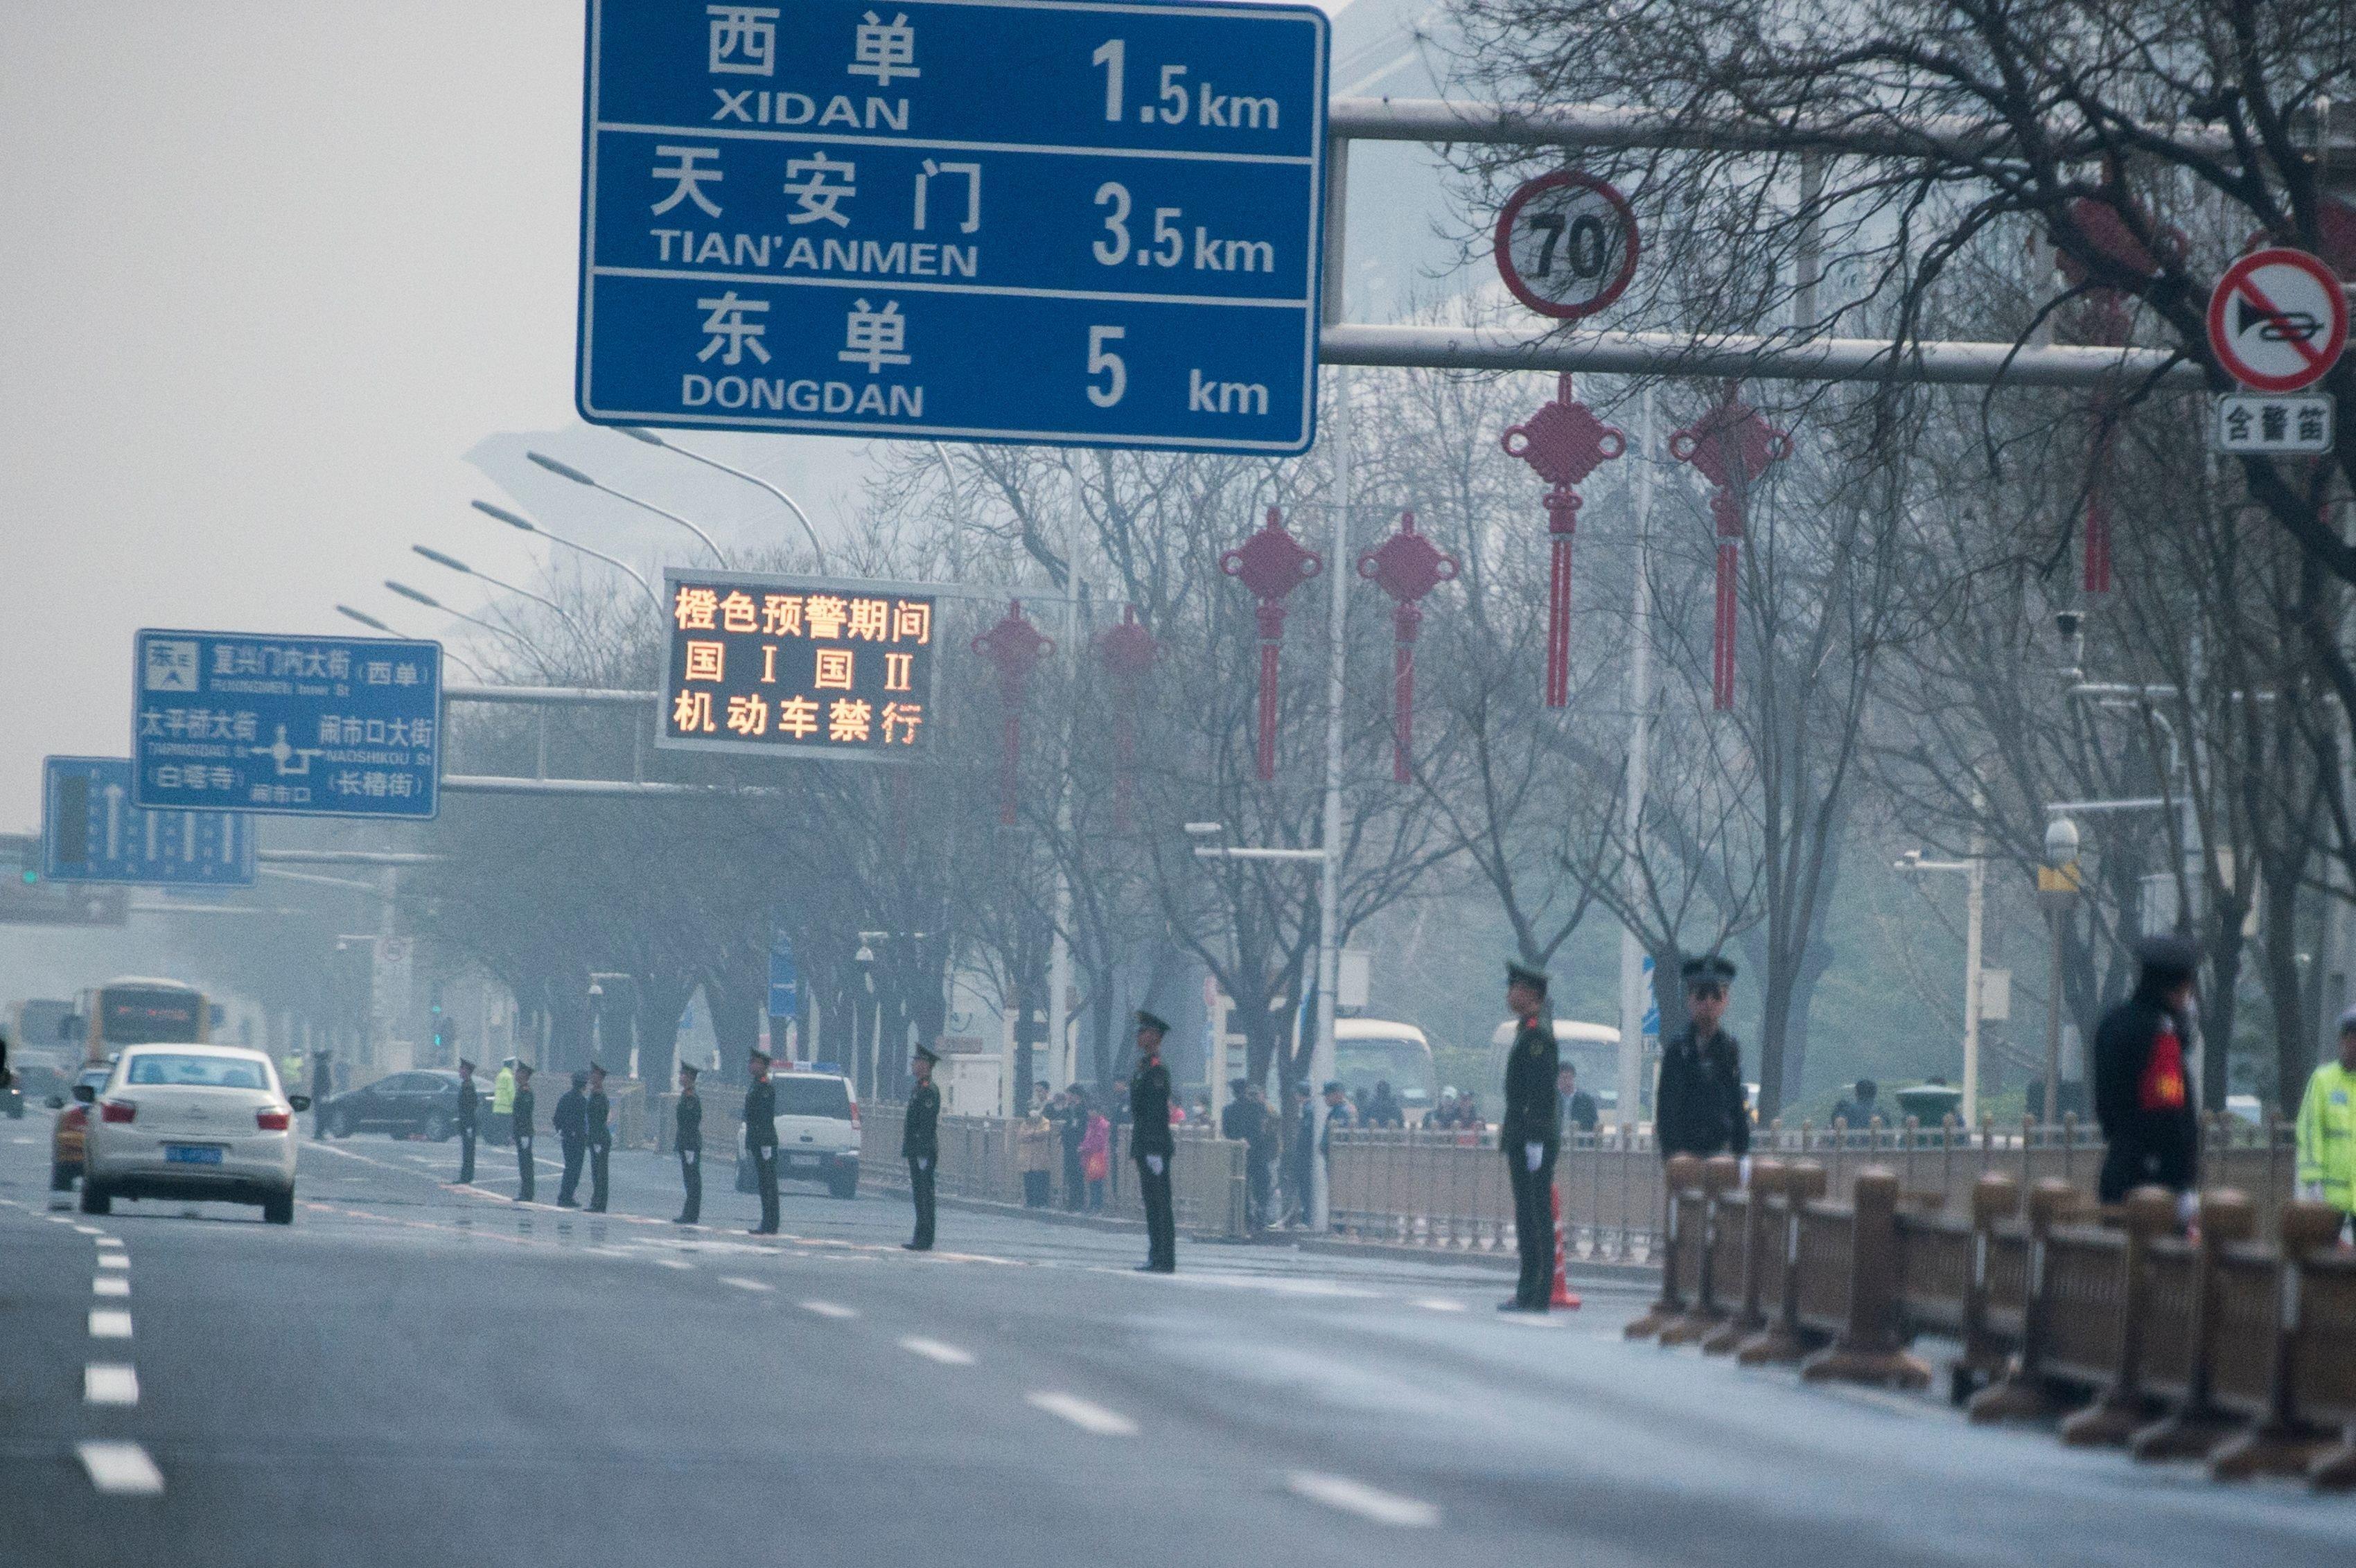 김정은이 중국에서 시진핑을 만난 것 같다